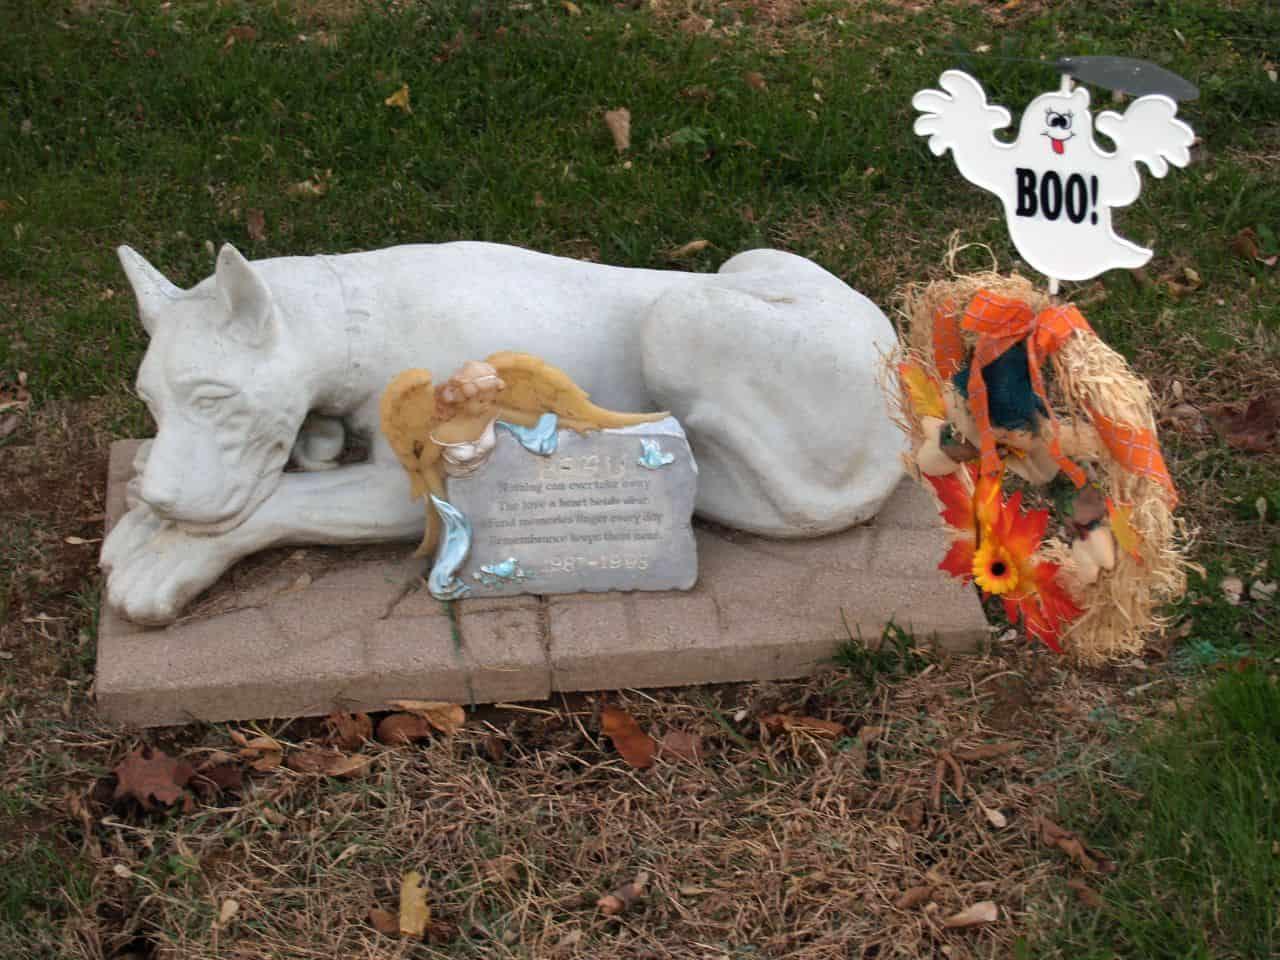 cmentarz dla zwierząt, co zrobić z ciałem psa, kota, grzebowisko, gdzie pochować zwierzę, pogrzeb, urna dla psa, esthima, krematorium dla zwierząt, blog o dzikich zwierzętach, blog o przyrodzie, przyrodniczy, animalistka, animalistka.pl